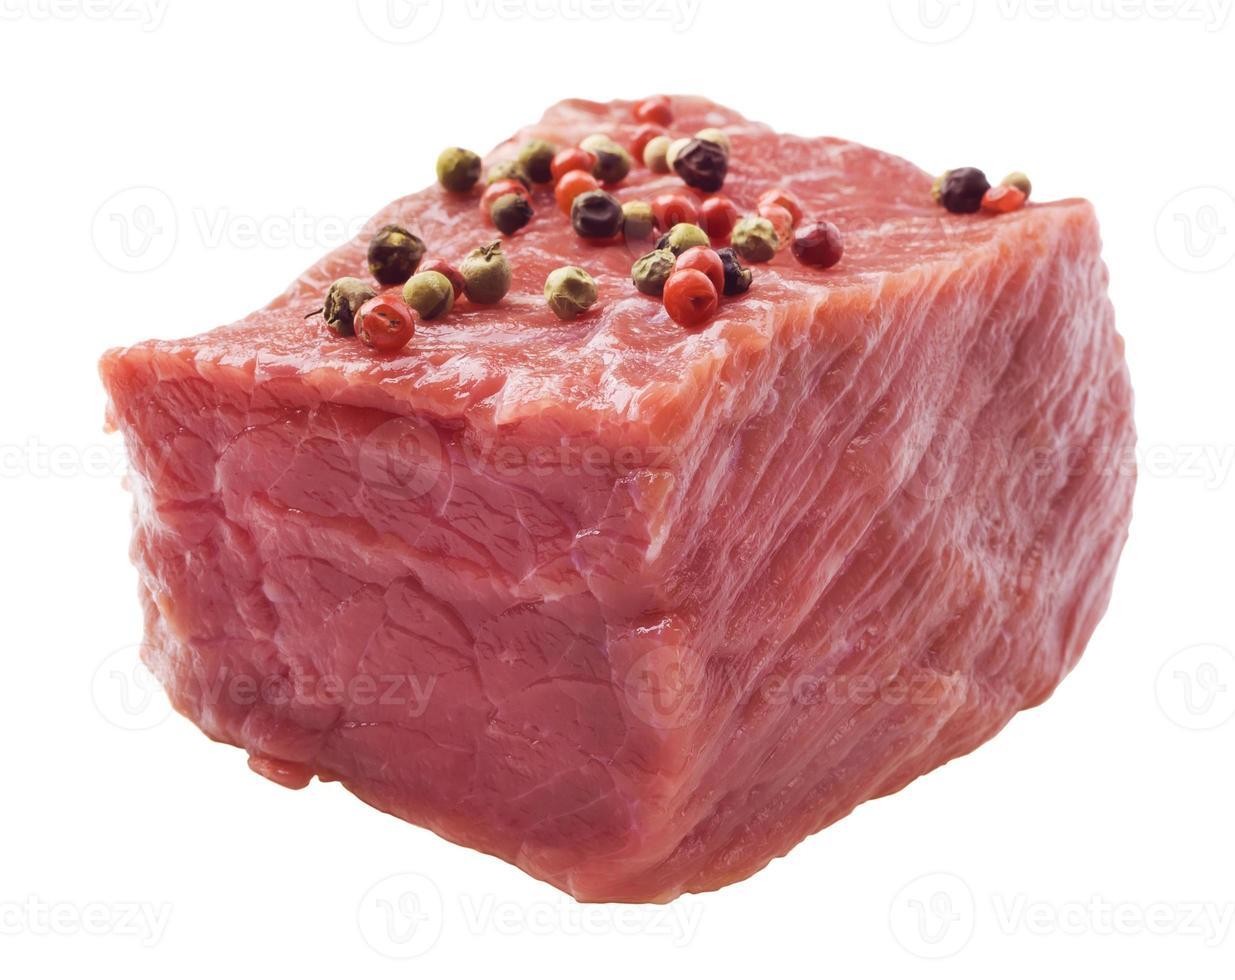 rohes Steak mit Pfeffer foto